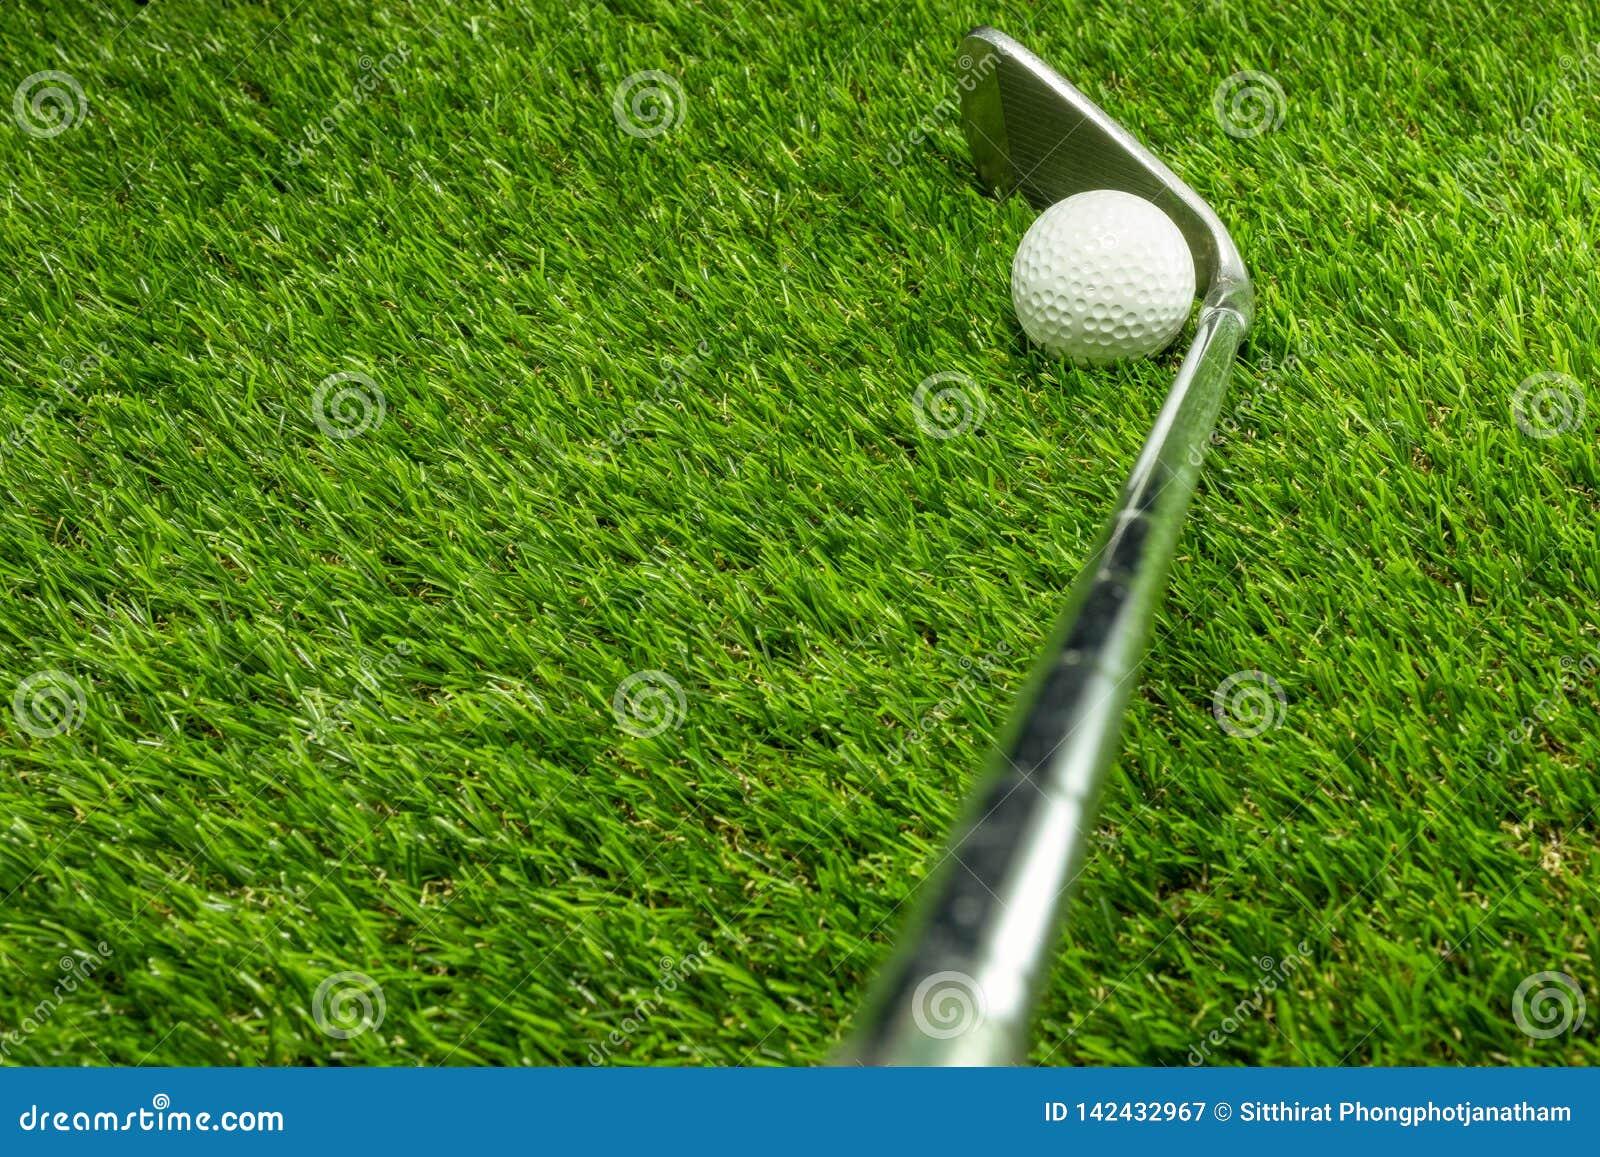 Шар для игры в гольф и гольф-клуб на траве